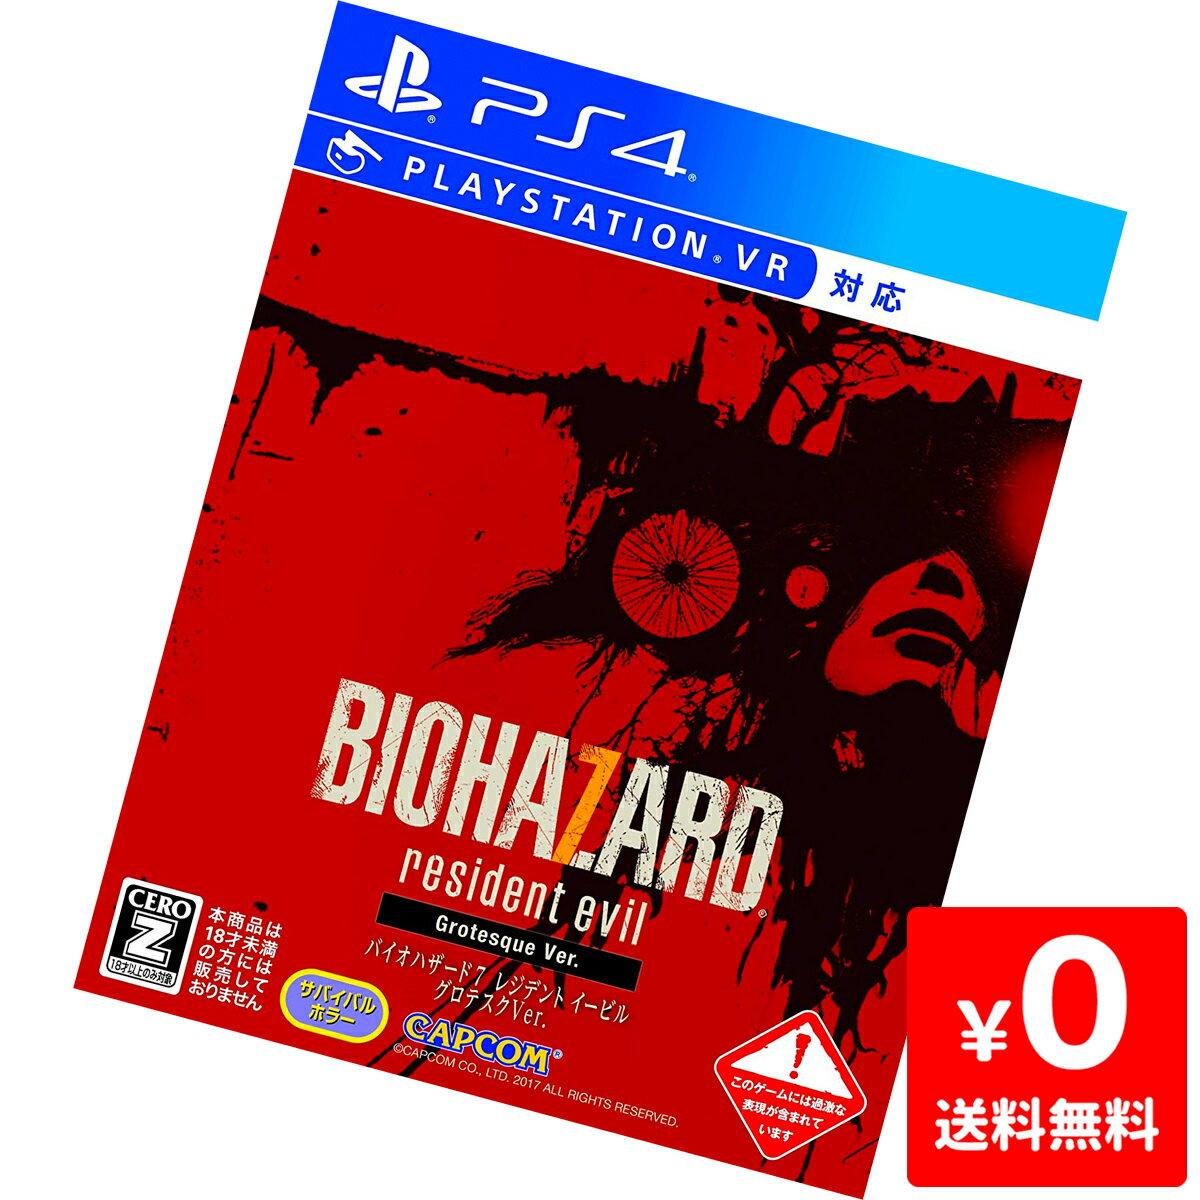 プレイステーション4, ソフト PS4 4 7 Ver. PlayStation4 SONY CEROZ 4976219080156